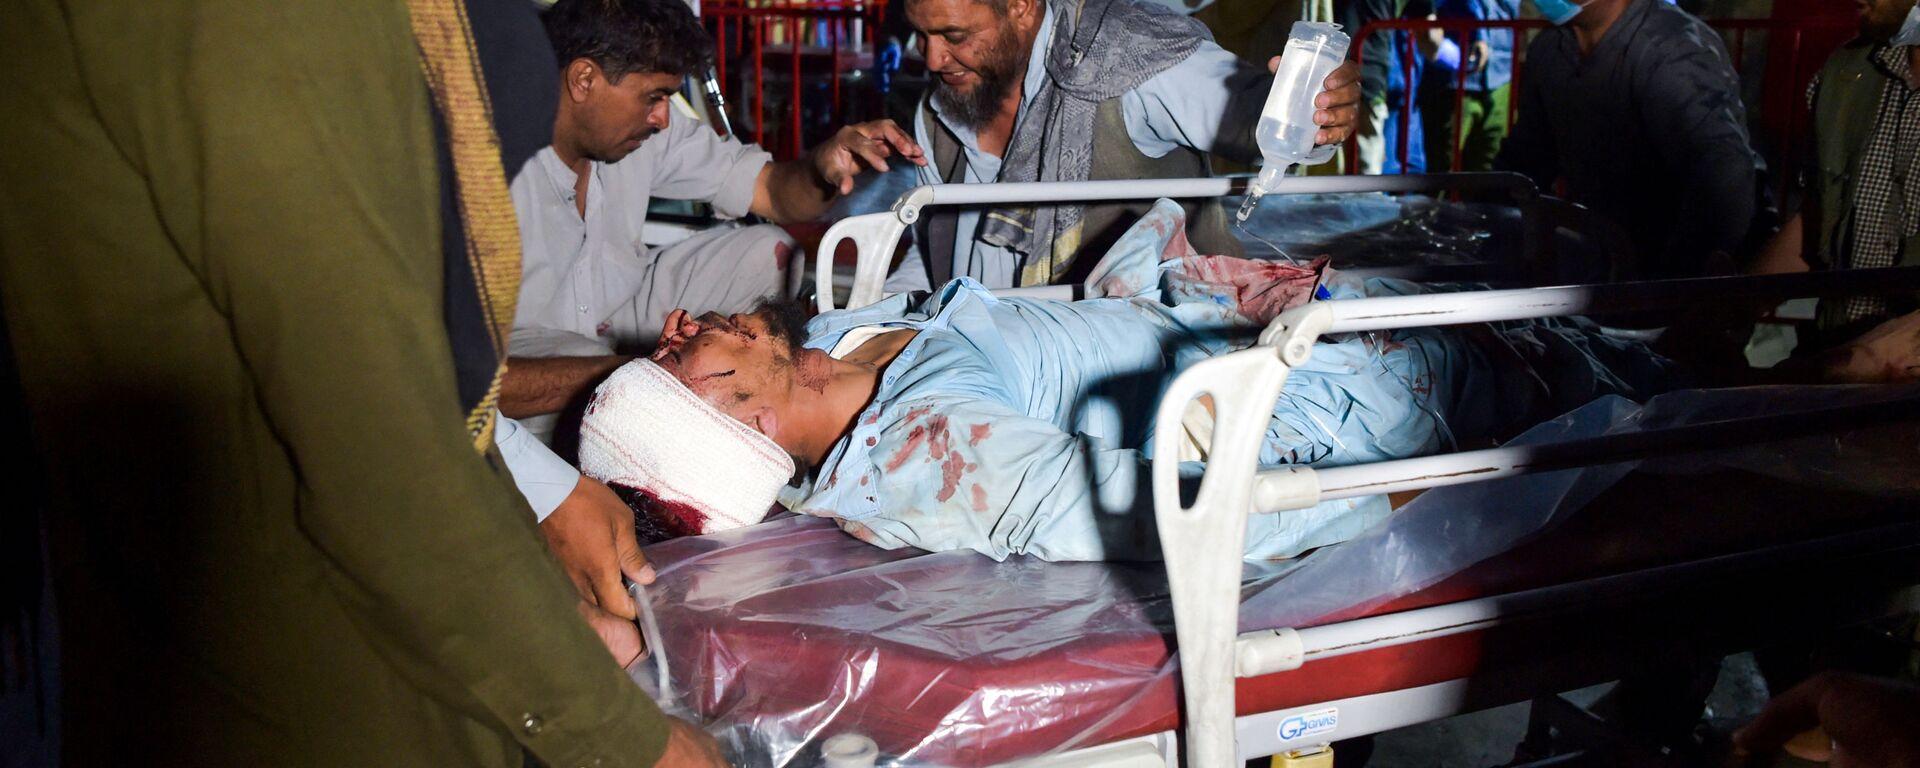 Un ferito dopo l'esplosione in aeroporto di Kabul, Afghanistan - Sputnik Italia, 1920, 27.08.2021